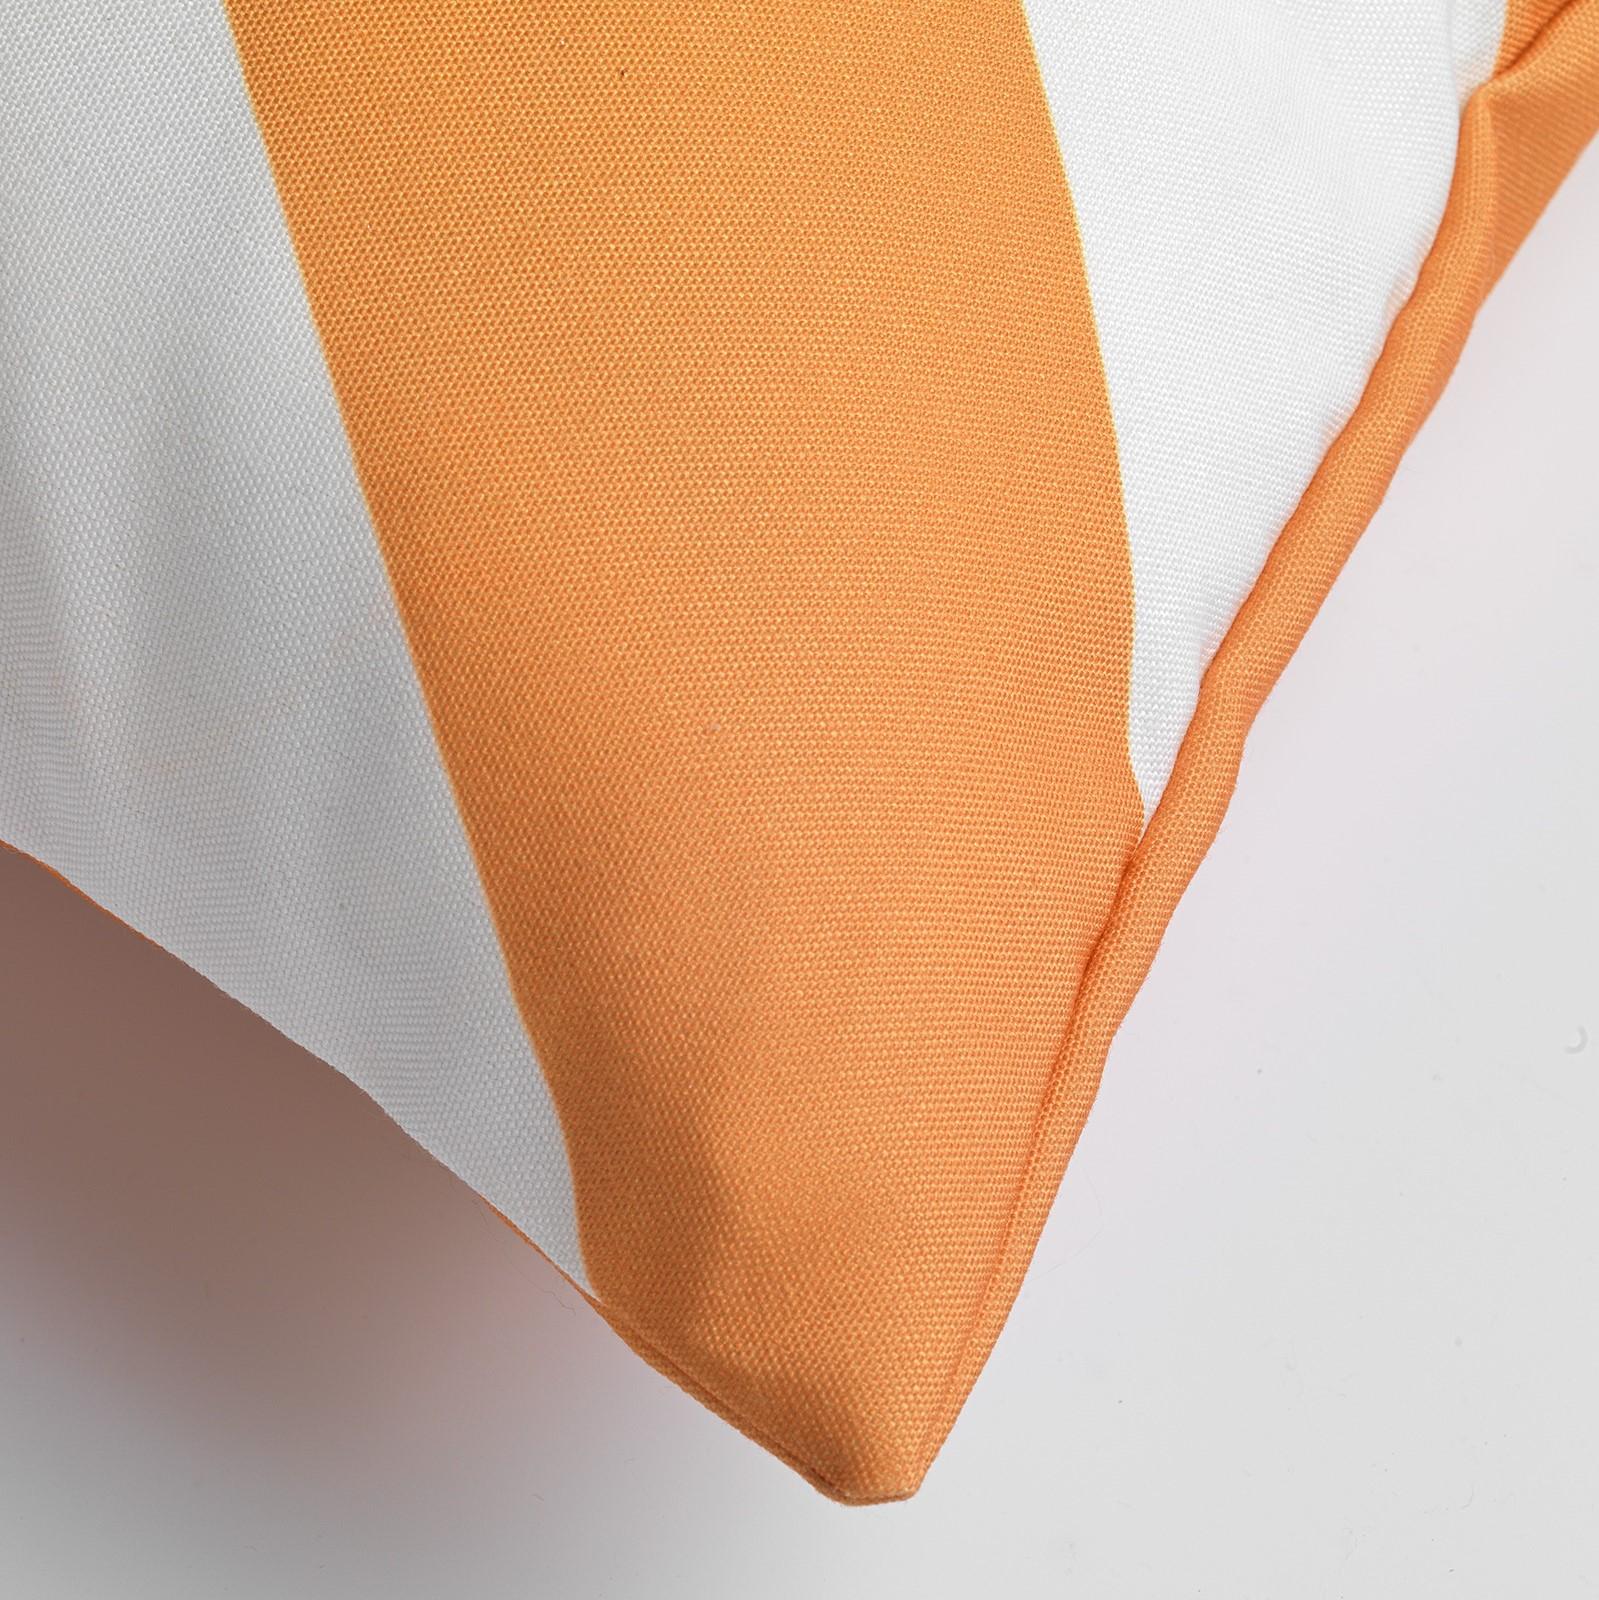 Sierkussen Sanzeno 40x60 cm Golden Glow